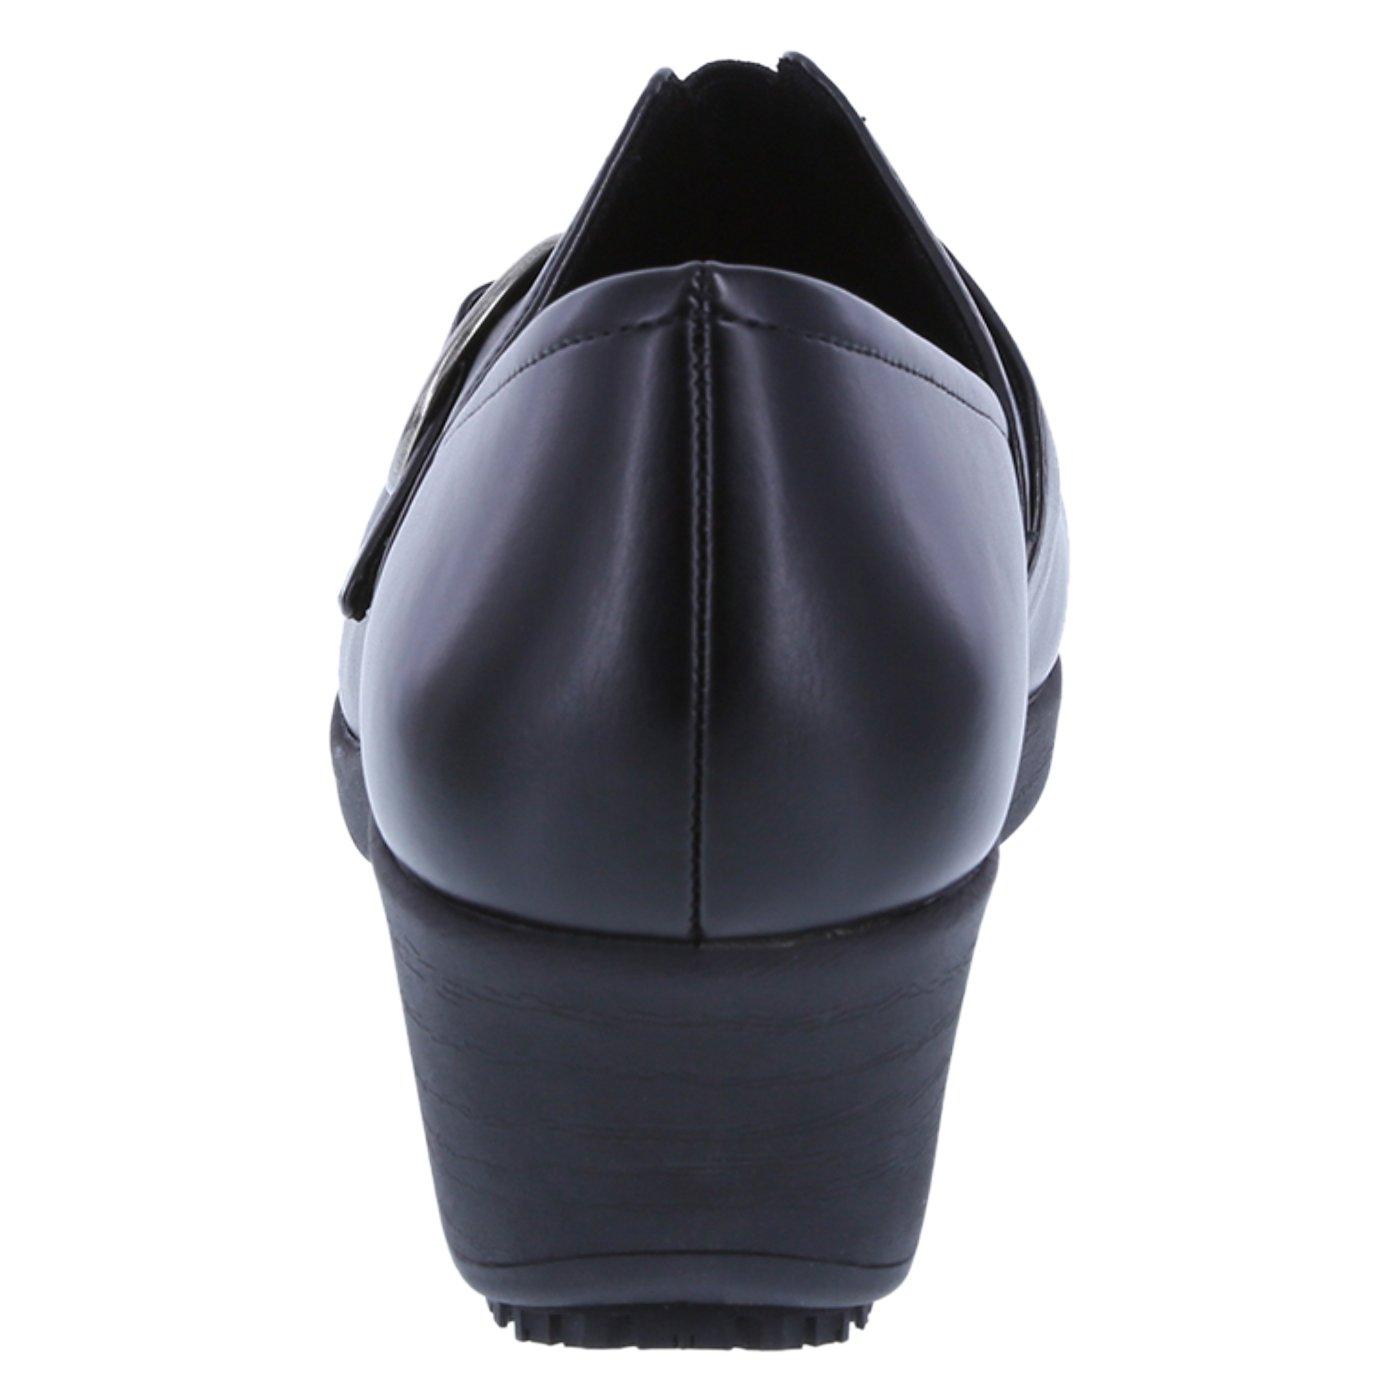 safeTstep Slip Resistant Women's Black Women's Buckle Gretchen Clog 8.5 Regular by safeTstep (Image #3)